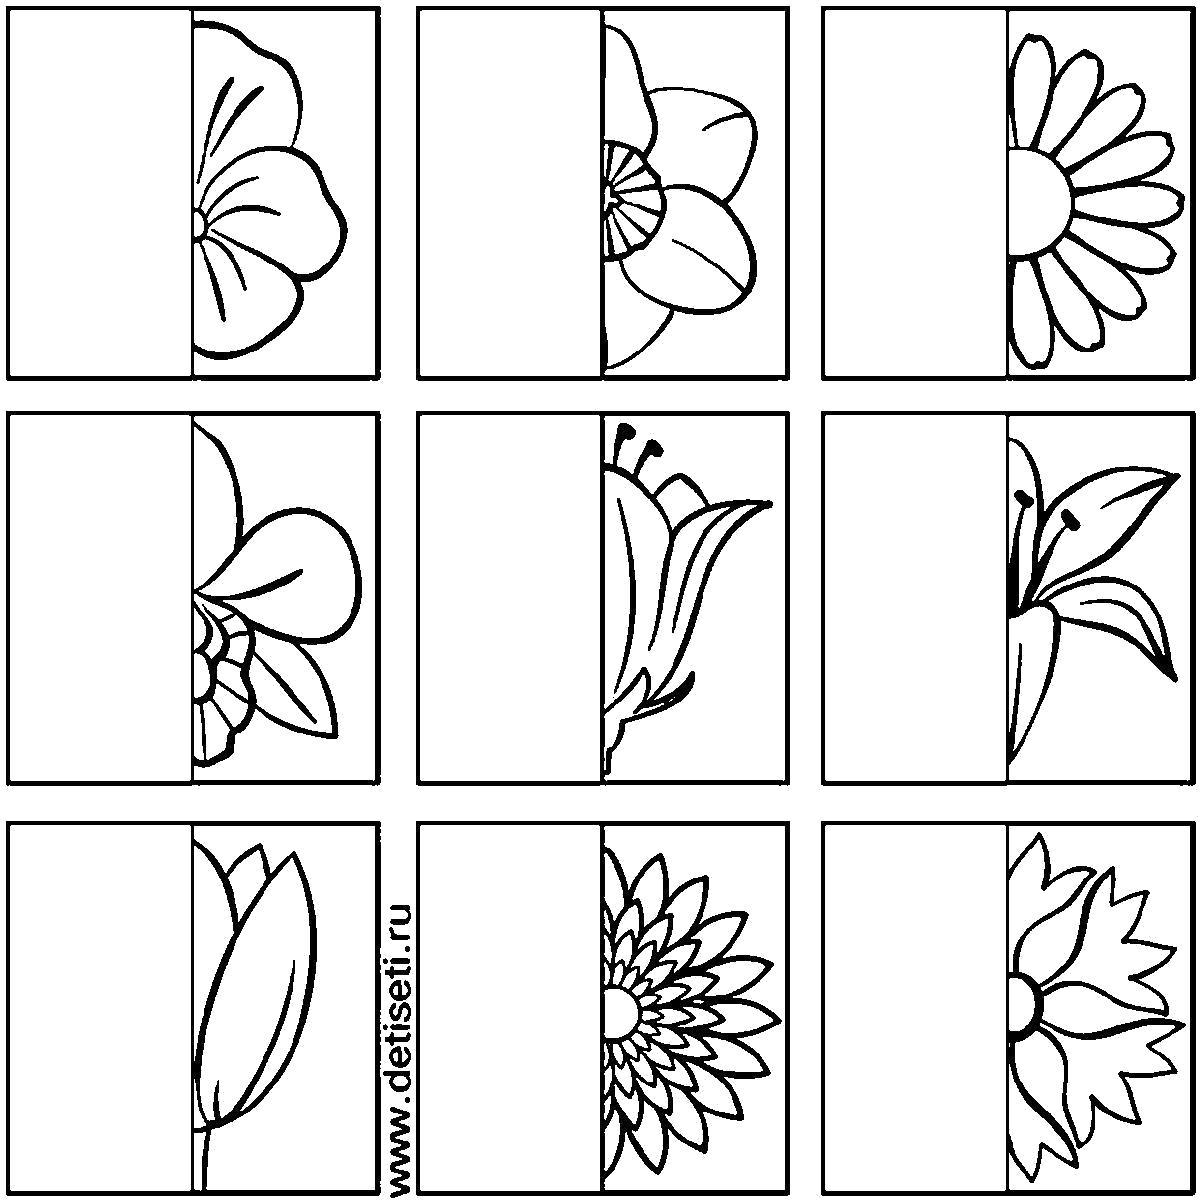 Раскраска  клеточкам дорисуй цветы по образцу. Скачать дорисуй.  Распечатать Дорисуй по образцу